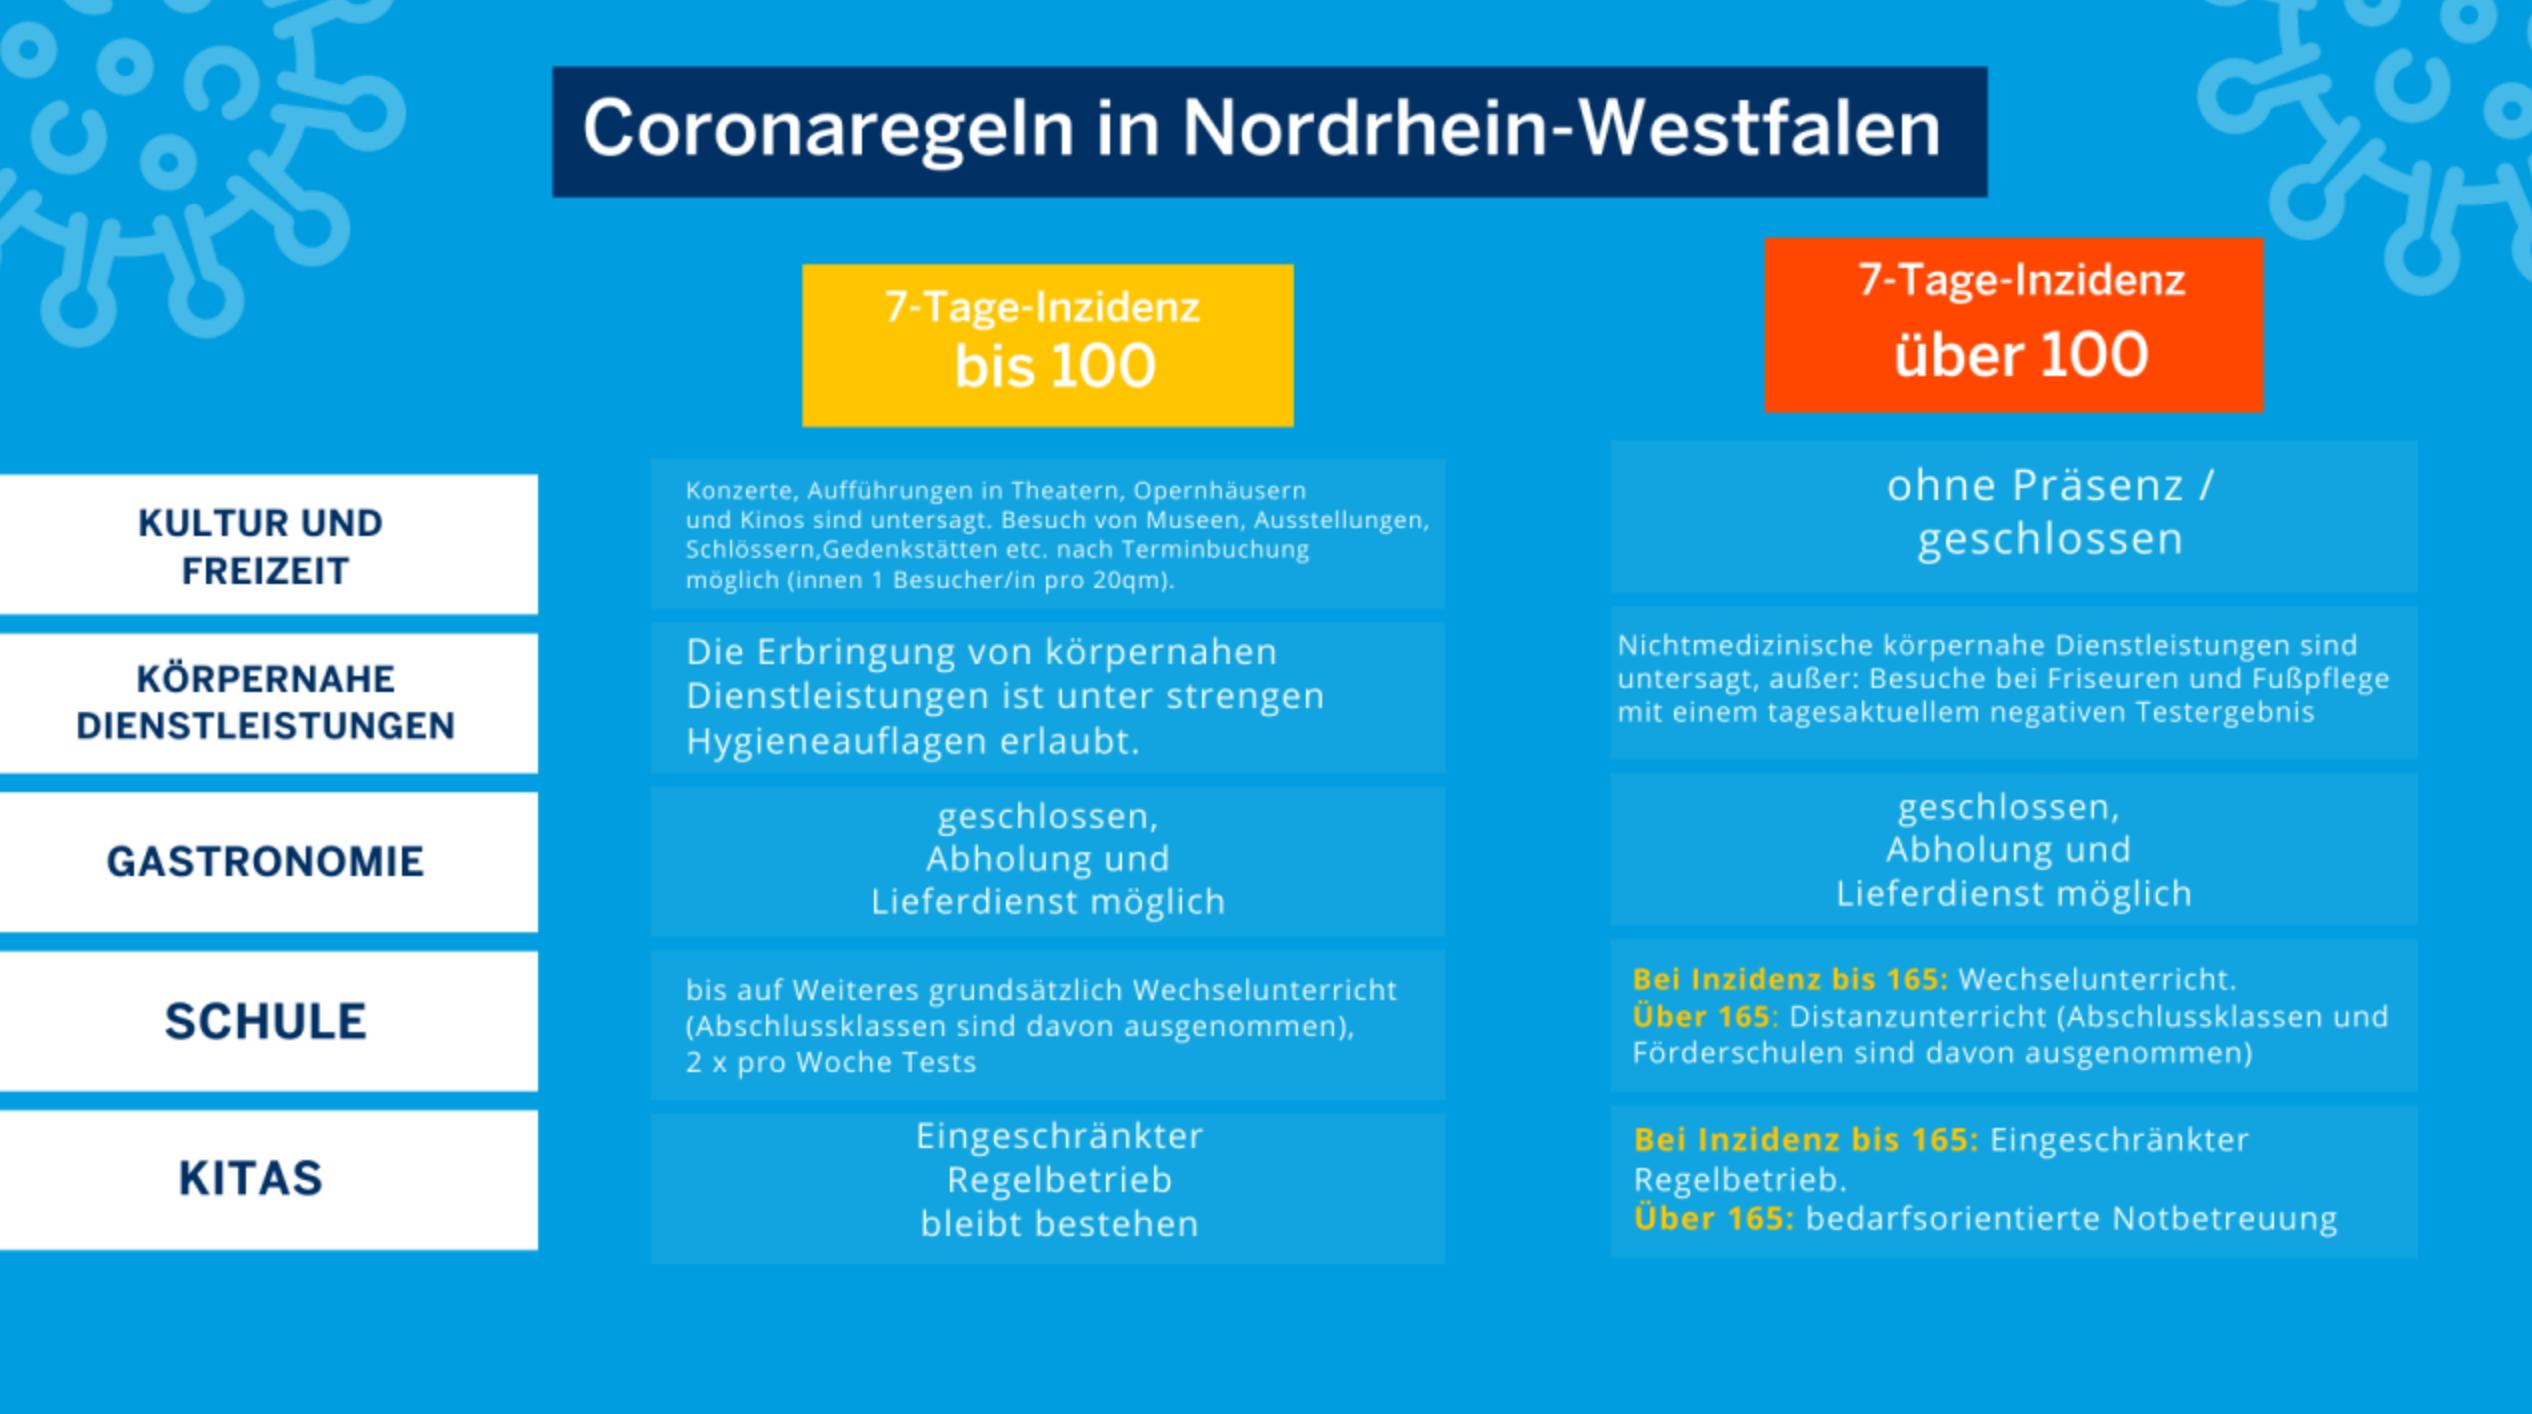 Grafik mit einer Übersicht zur Corona-Notbremse